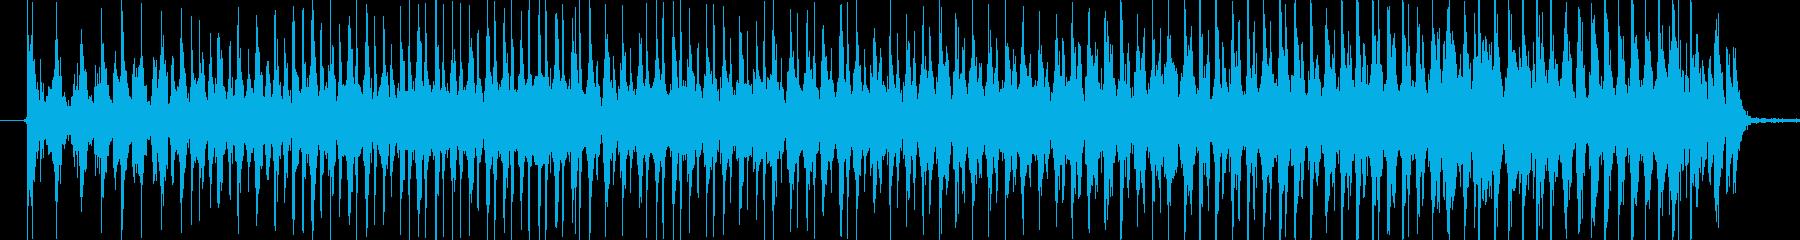 ドリルのバリバリした音です。の再生済みの波形